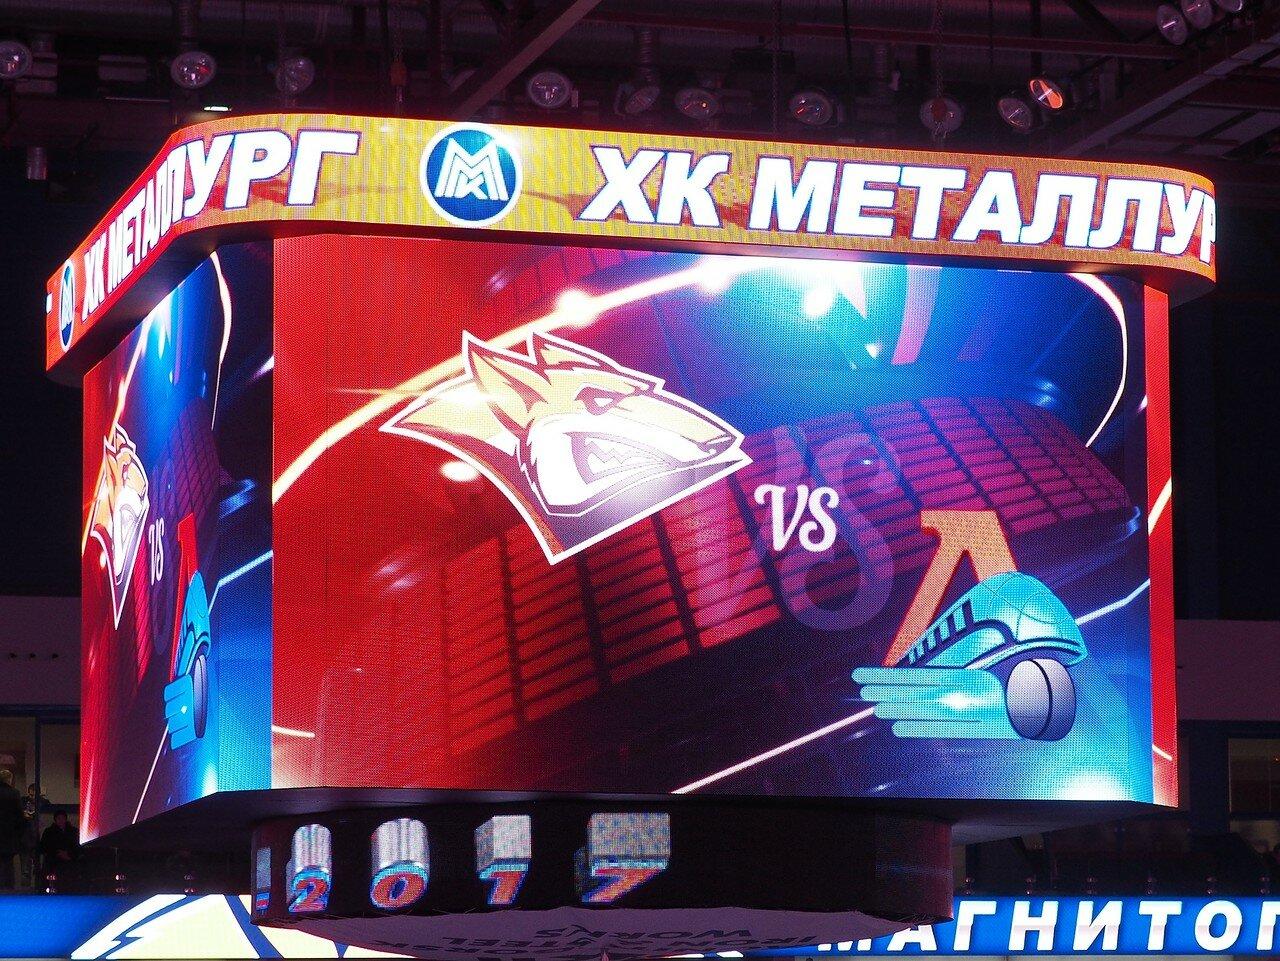 43Металлург - Локомотив 23.11.2016